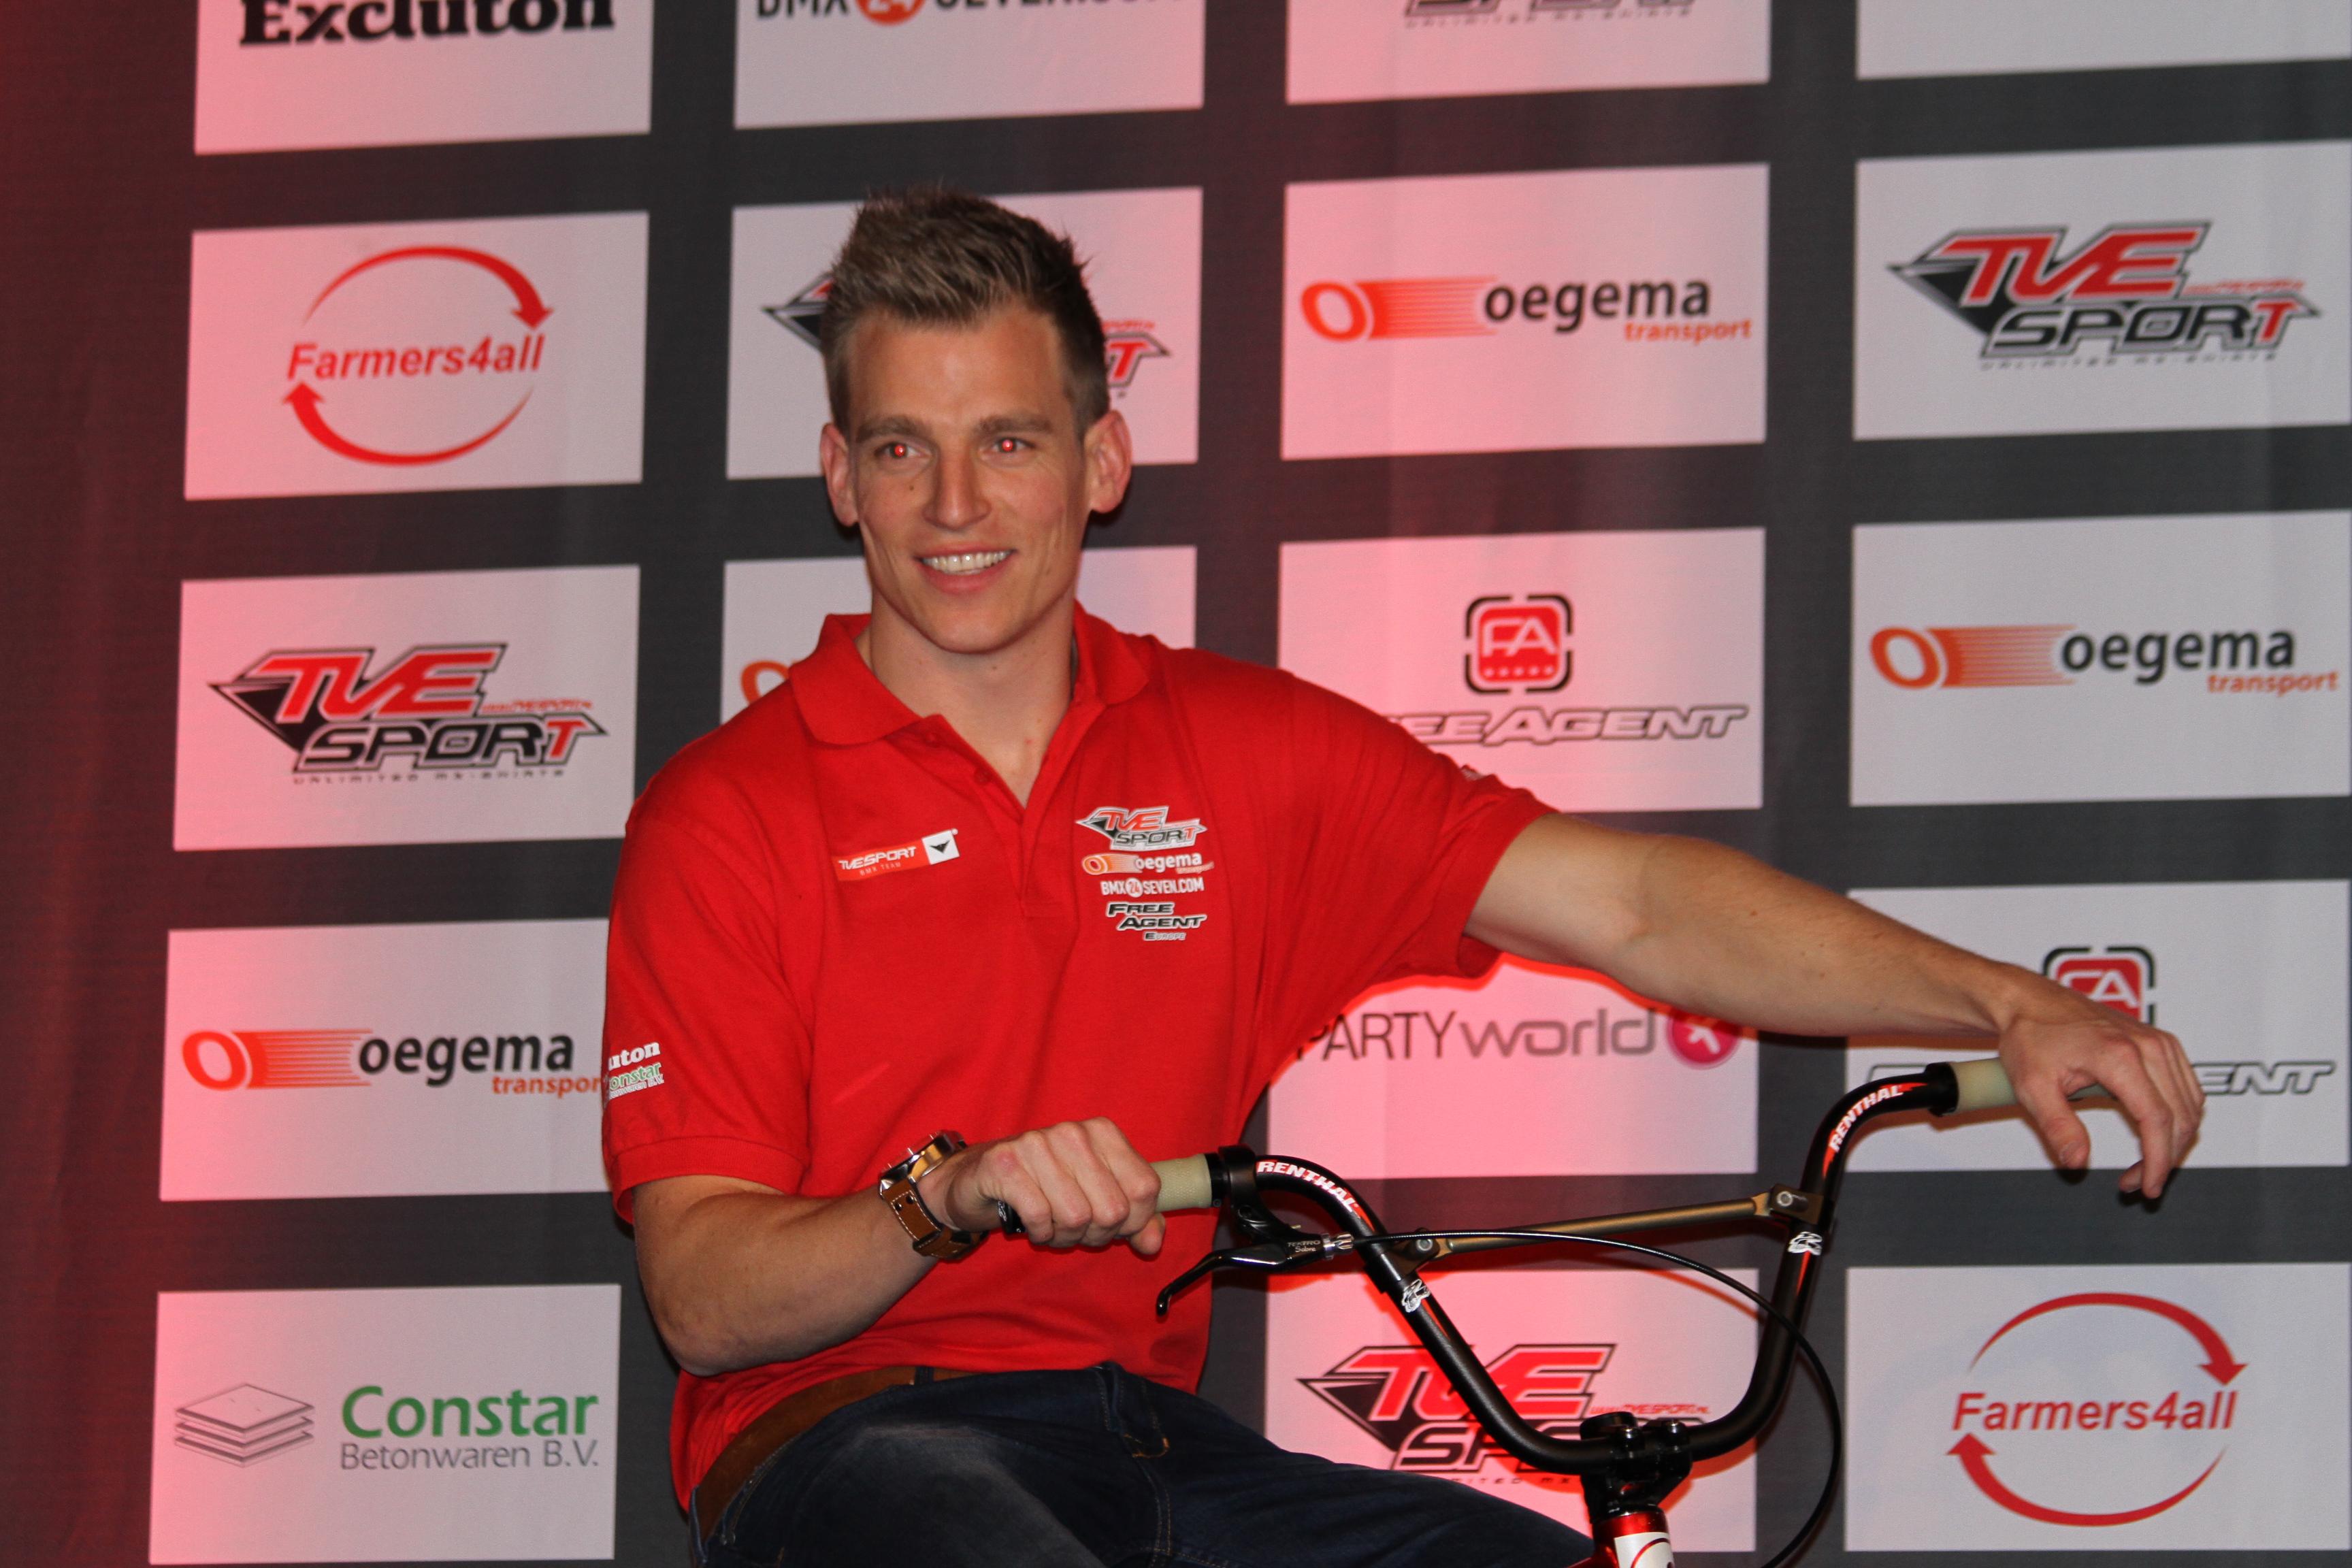 Trainer en pro-rijder Martijn Jaspers geeft een exclusief kijkje achter de schermen van de afgelopen weken.